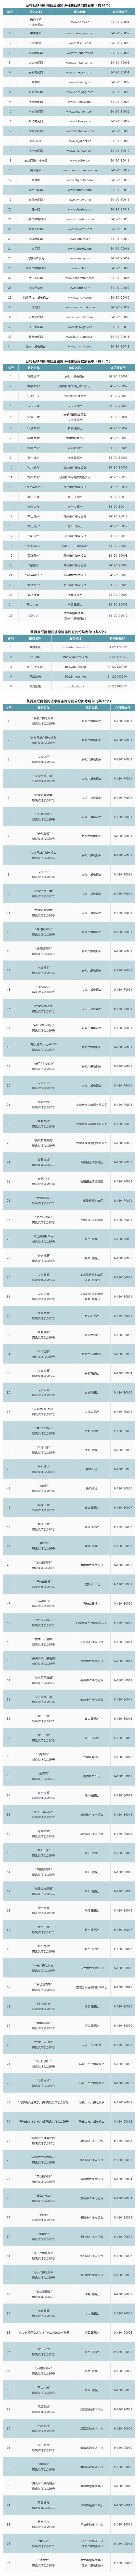 我省新增8家互联网新闻信息服务单位.png